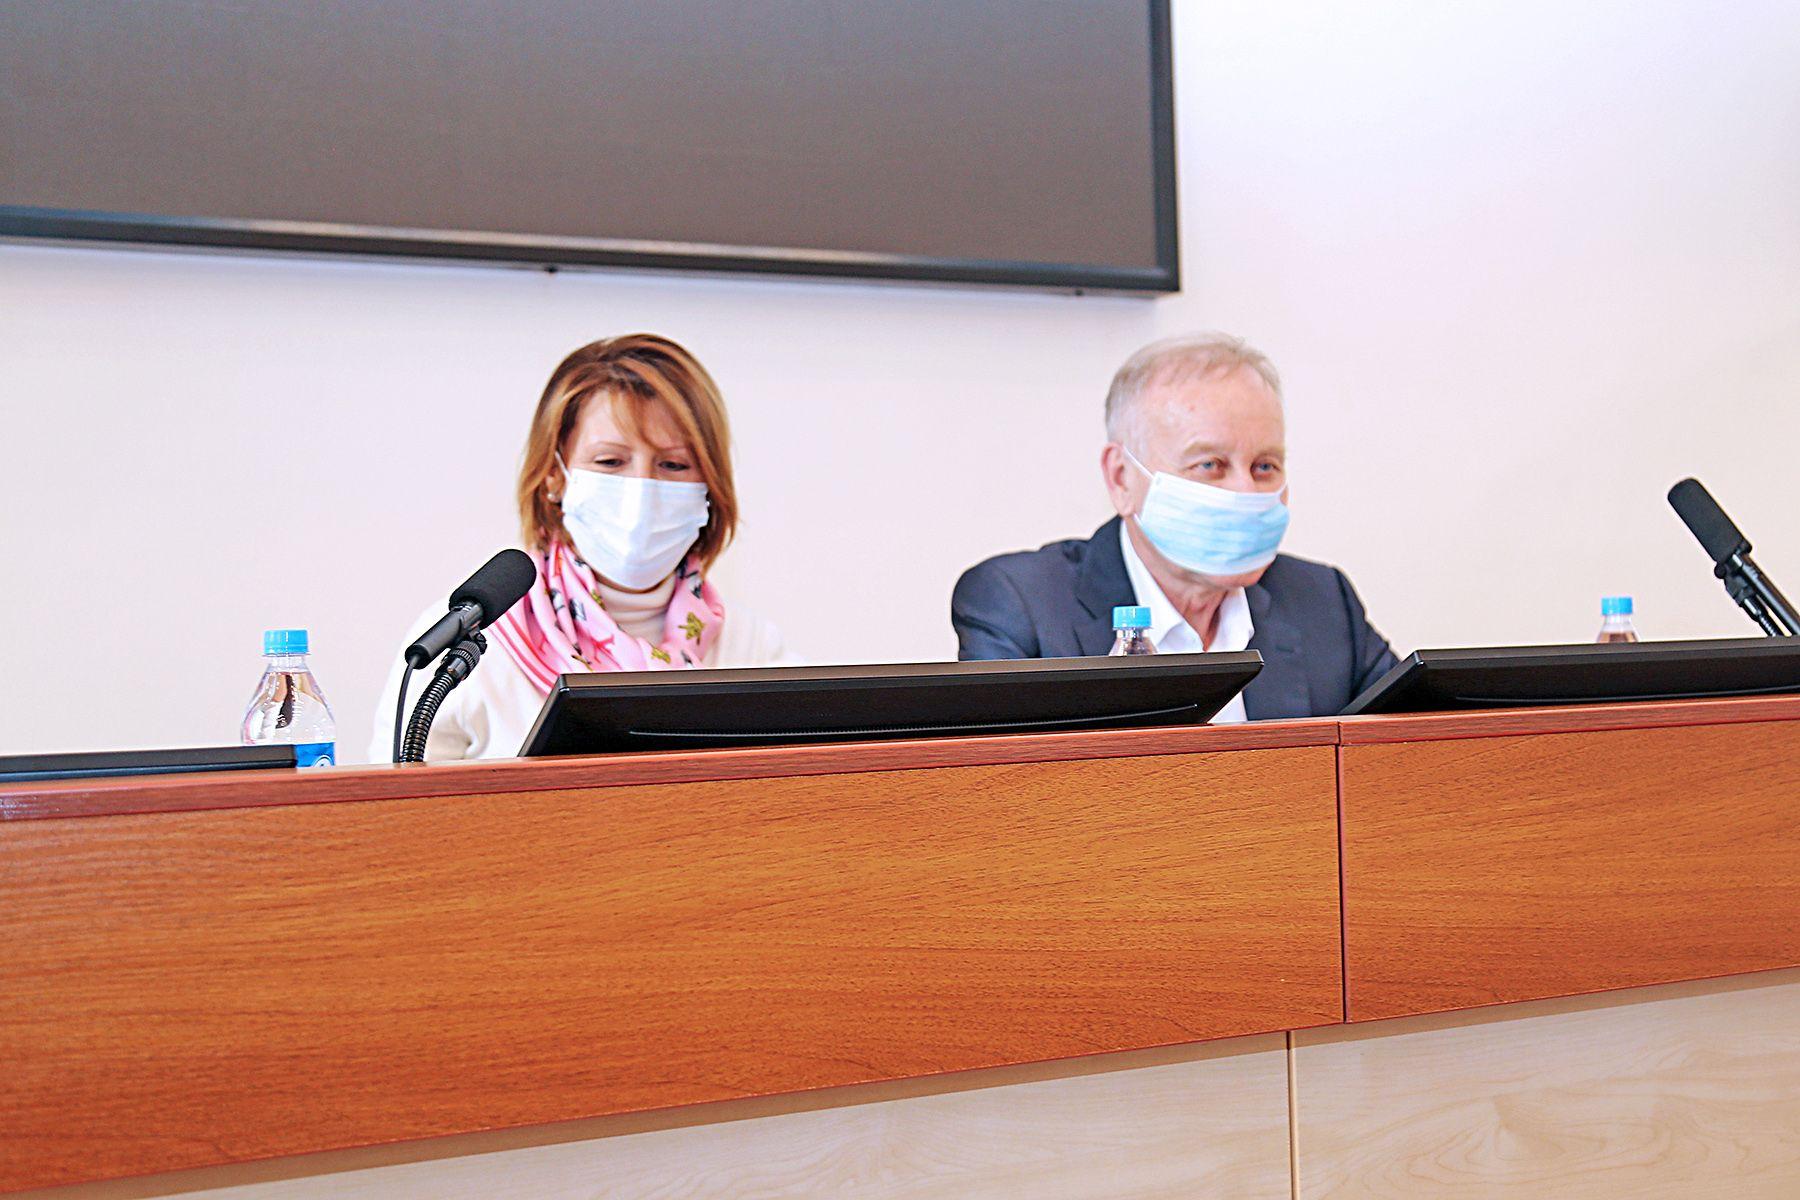 Заседание Ученого совета ВГУЭС: объявлен старт выборов ректора